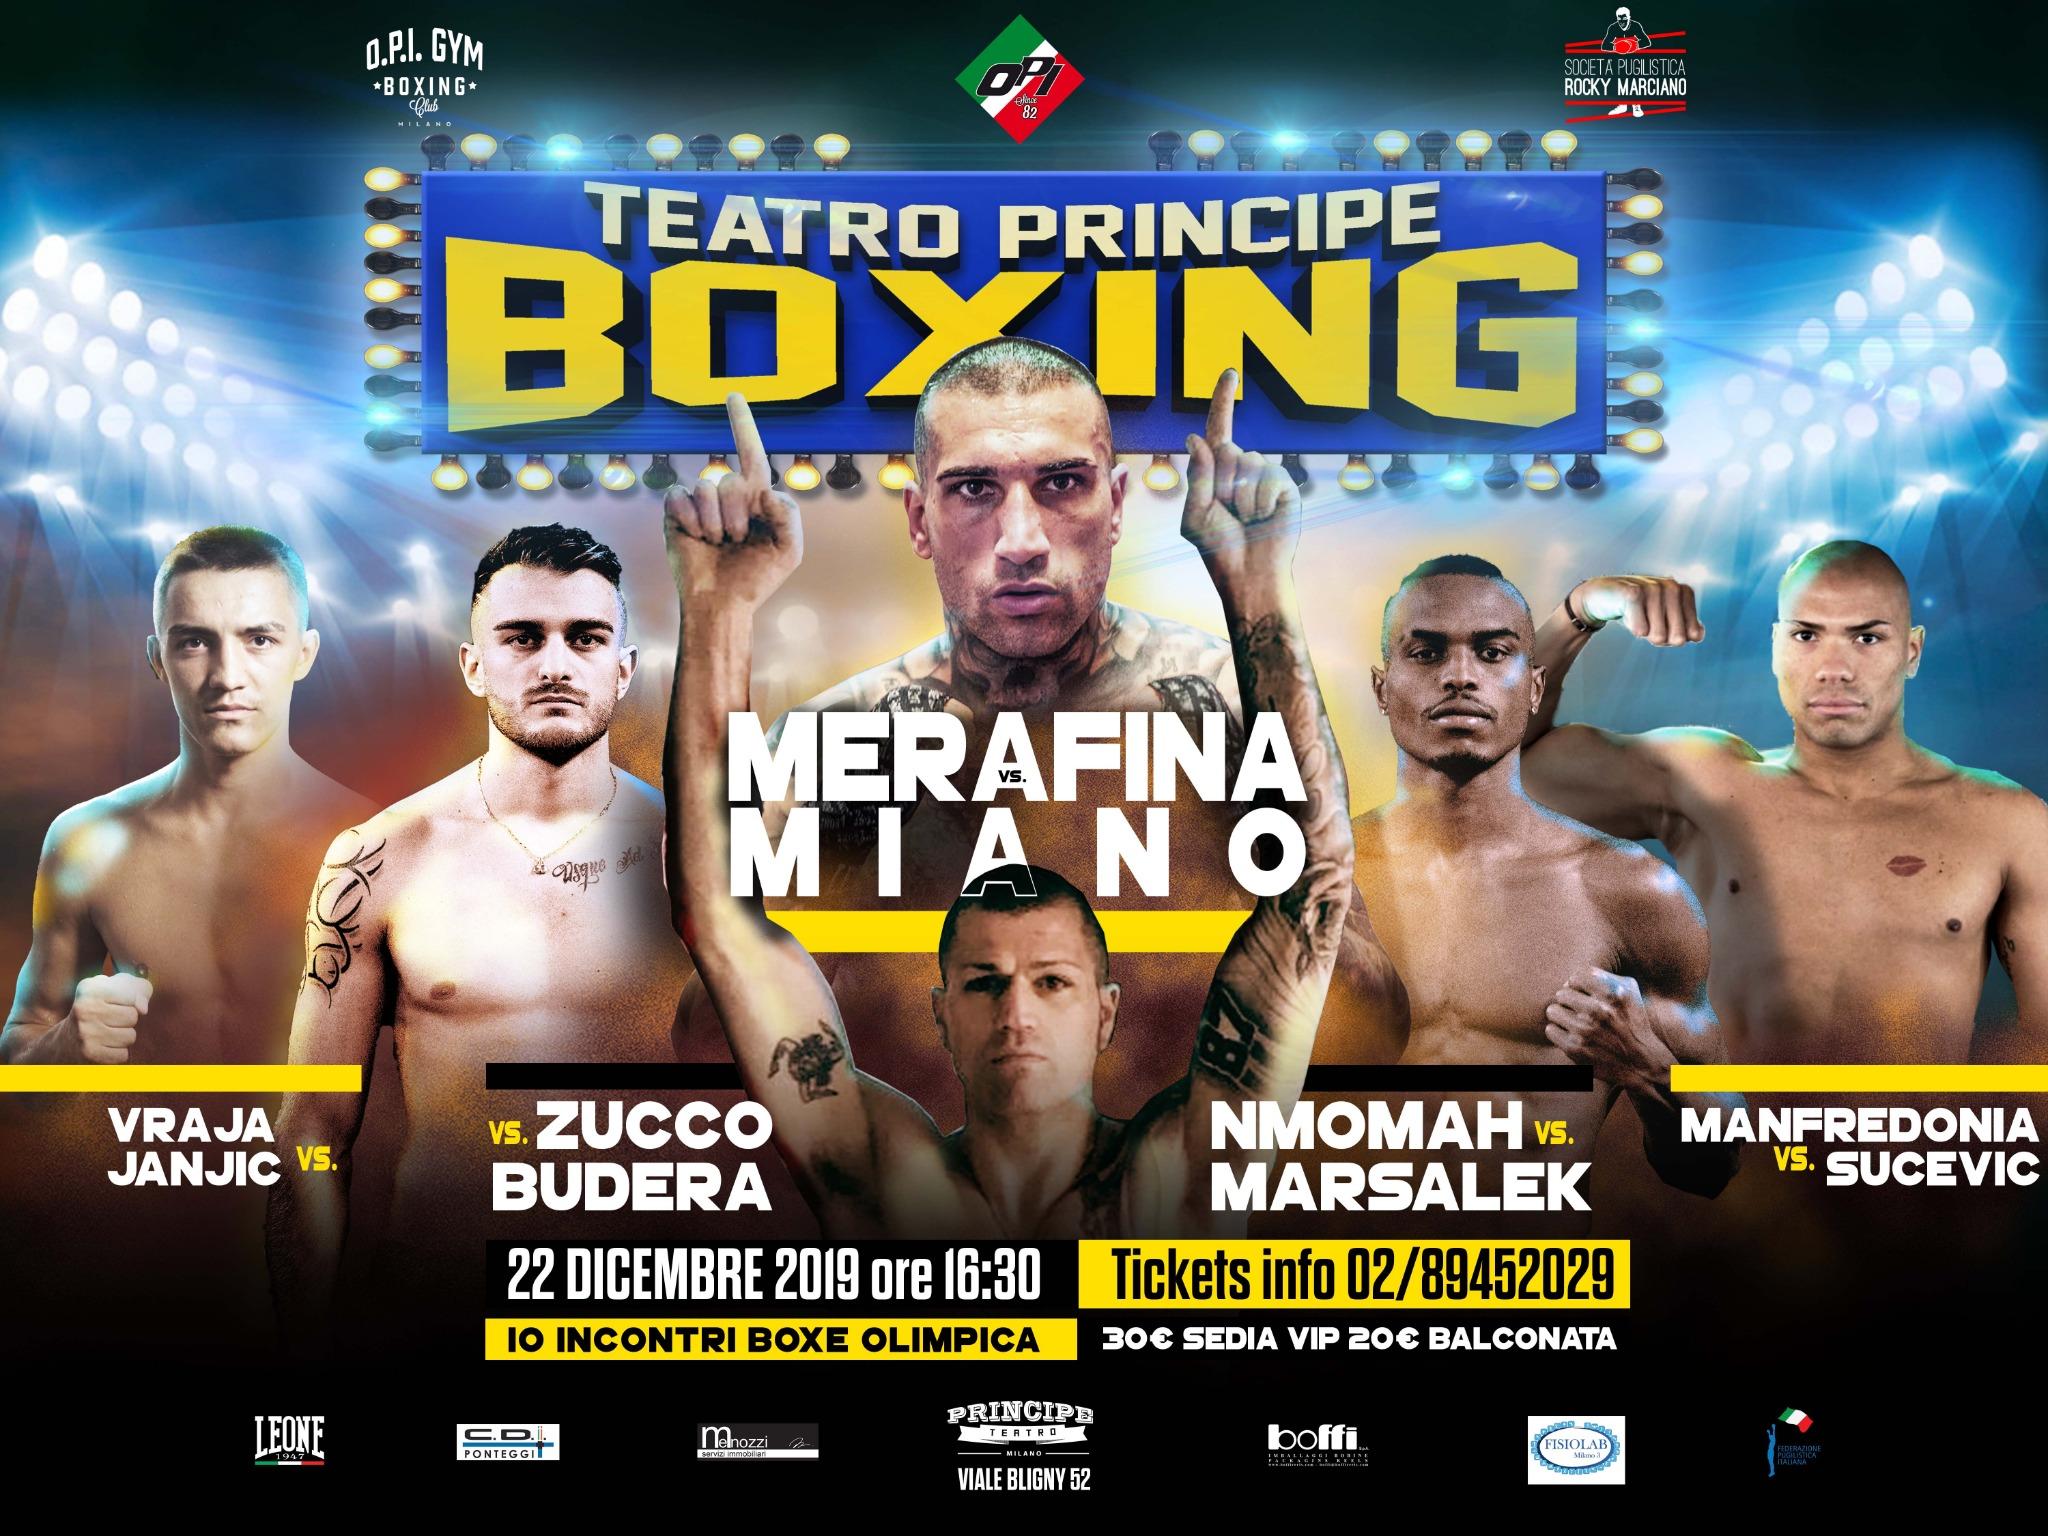 Boxe - Domenica al Principe torna la boxe e a febbraio torna Scardina